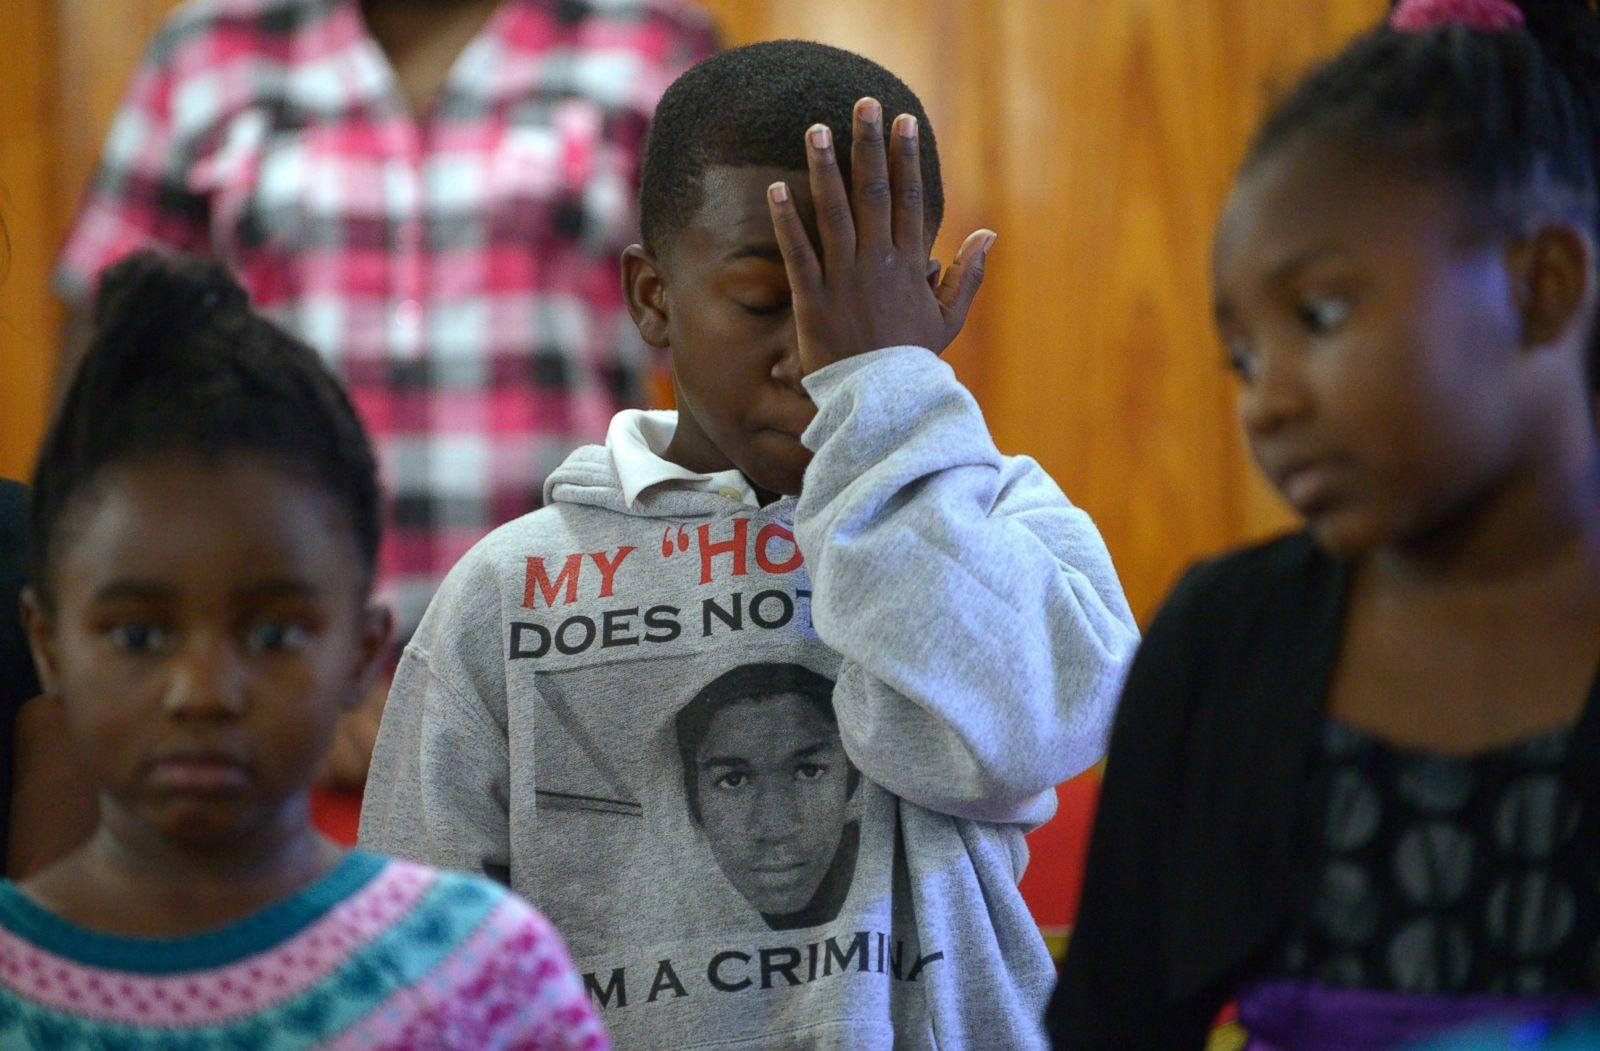 Sam Hill de 11 años, se seca las lágrimas durante un servicio juvenil en la Iglesia Bautista Misionera de San Pablo en Sanford, Florida, el 14 de julio de 2013. Muchos en la congregación llevaban camisas con una foto de Martin. Fotografía: Phelan M. Ebenhack/AP Photo